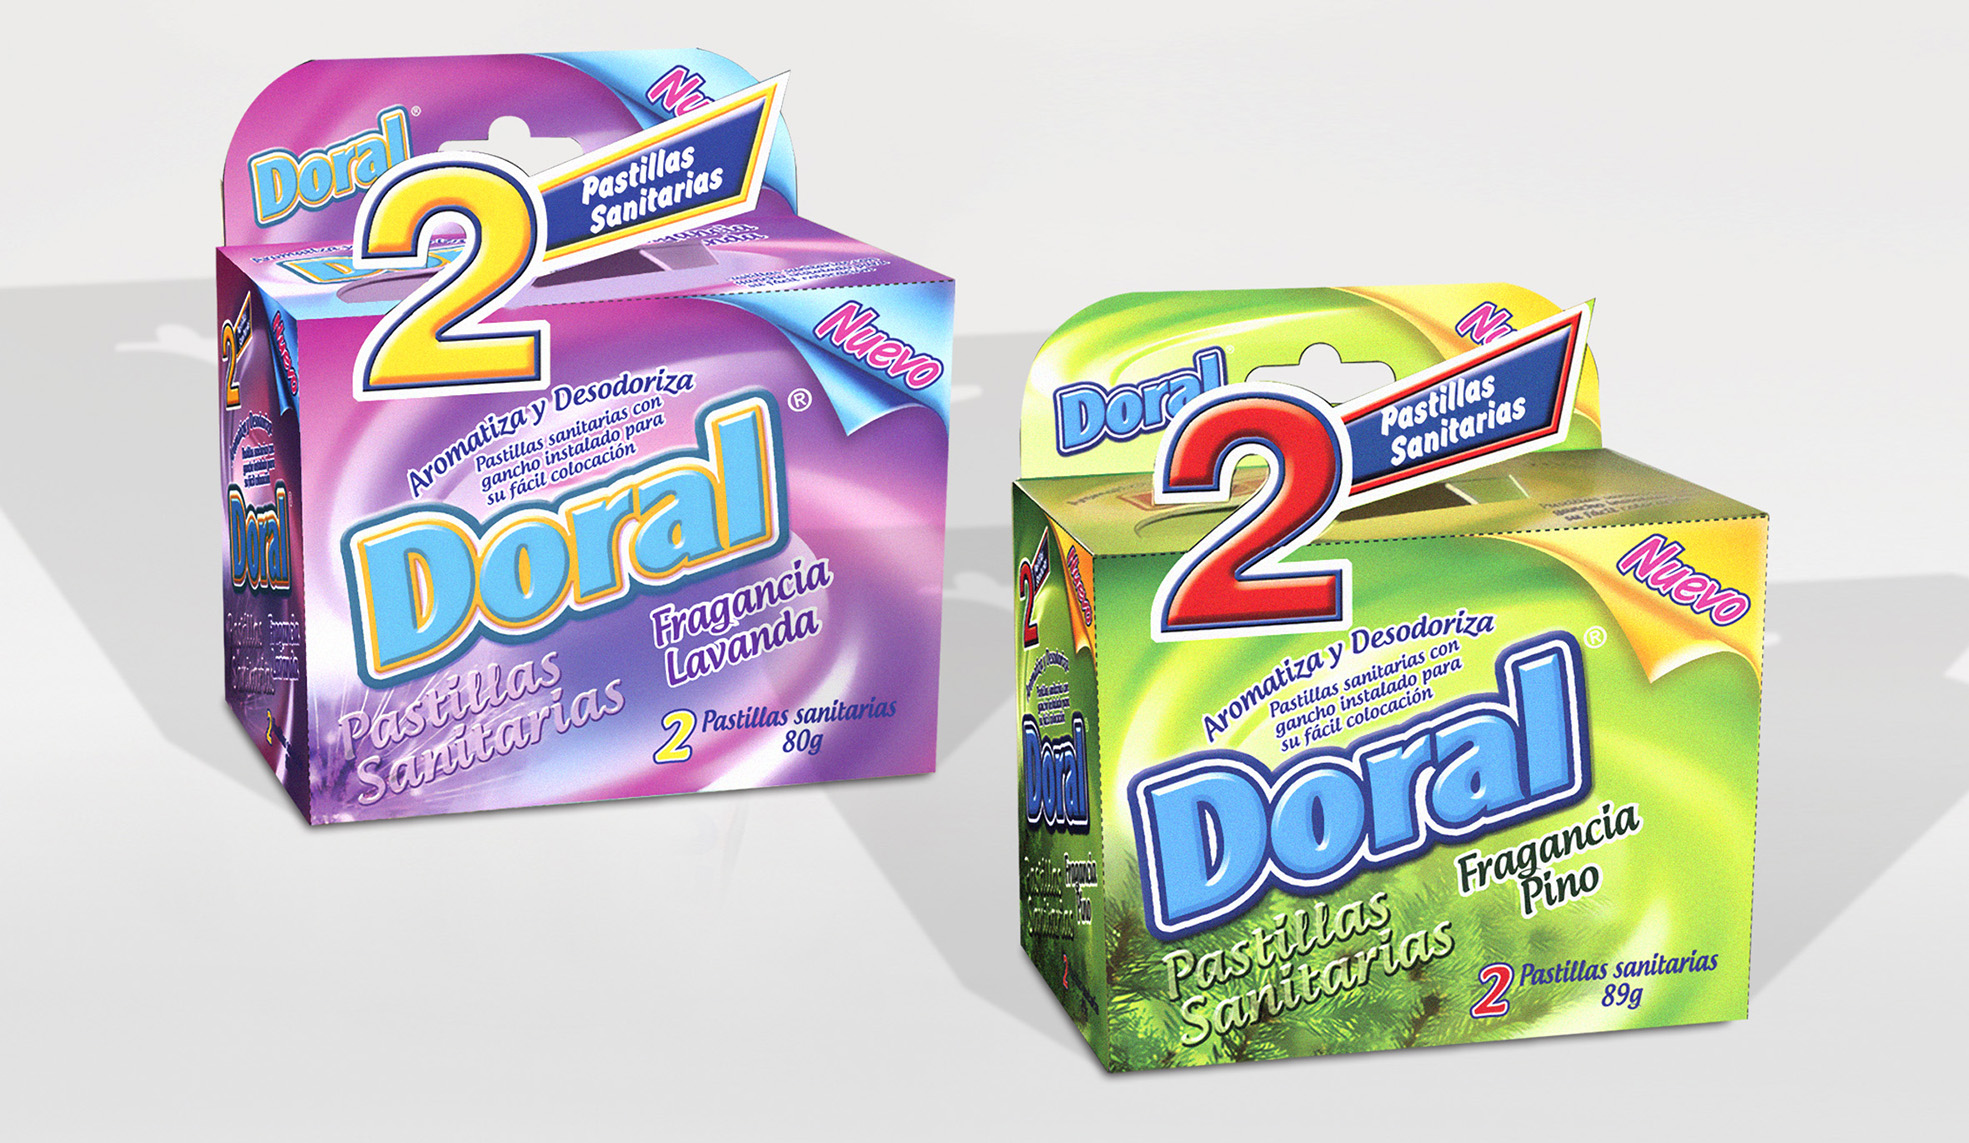 DORAL2